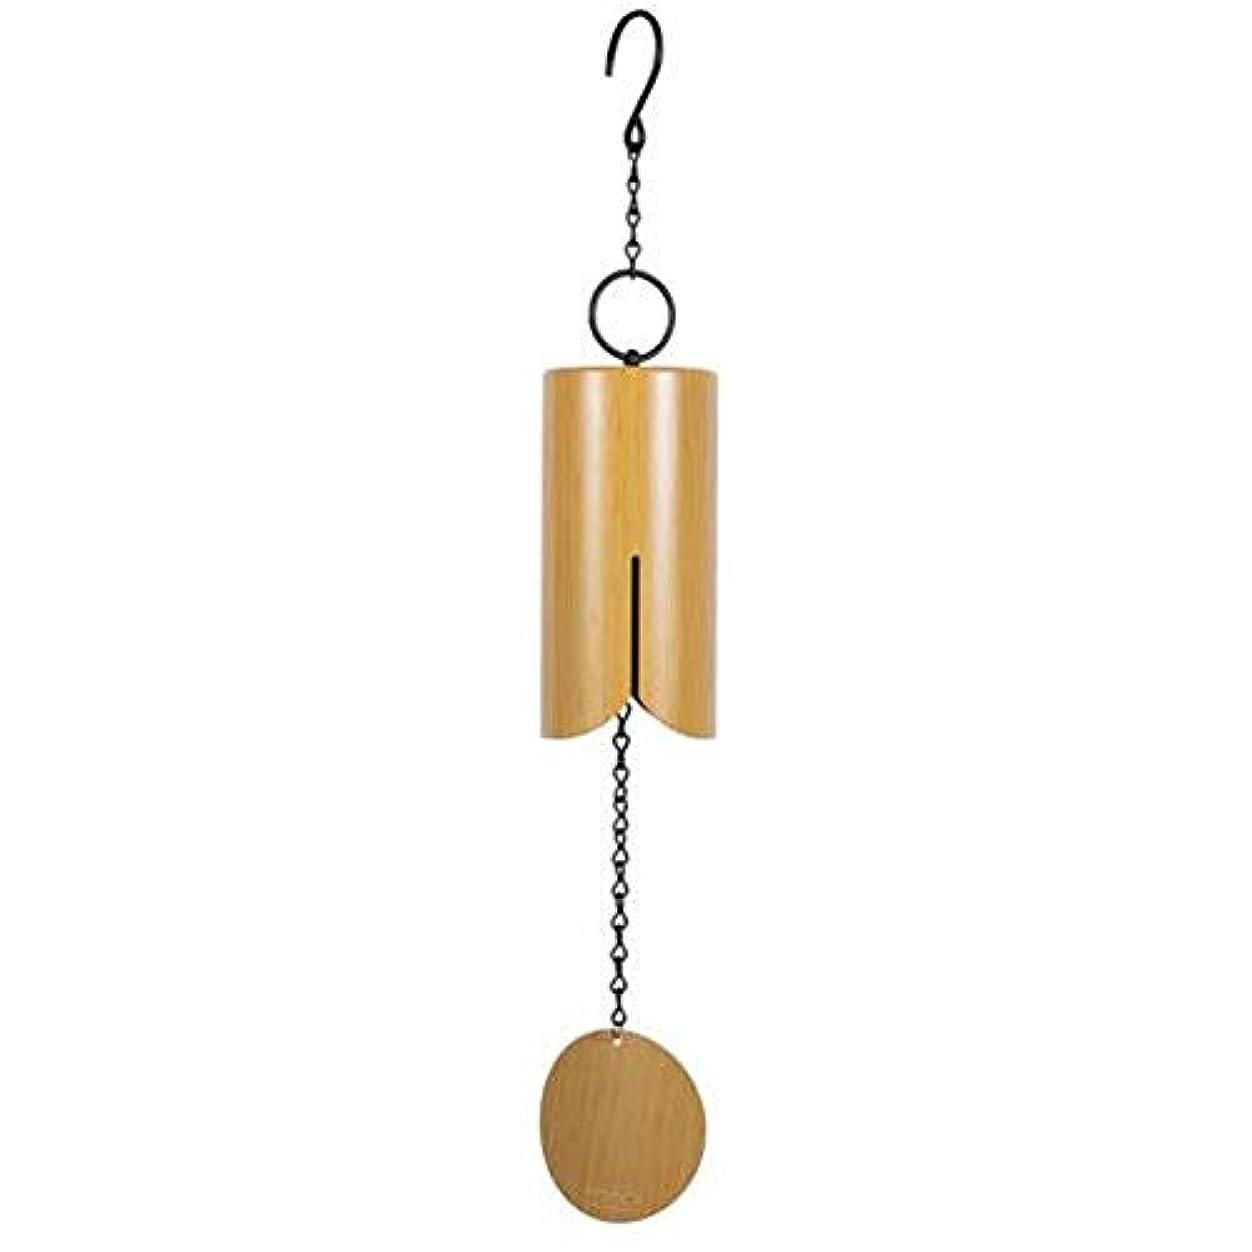 振り向く熟した時期尚早Hongyuantongxun 風チャイム、アイアンレトロクリエイティブ風の鐘、ブラック、全身について76センチメートル,、装飾品ペンダント (Color : Natural)